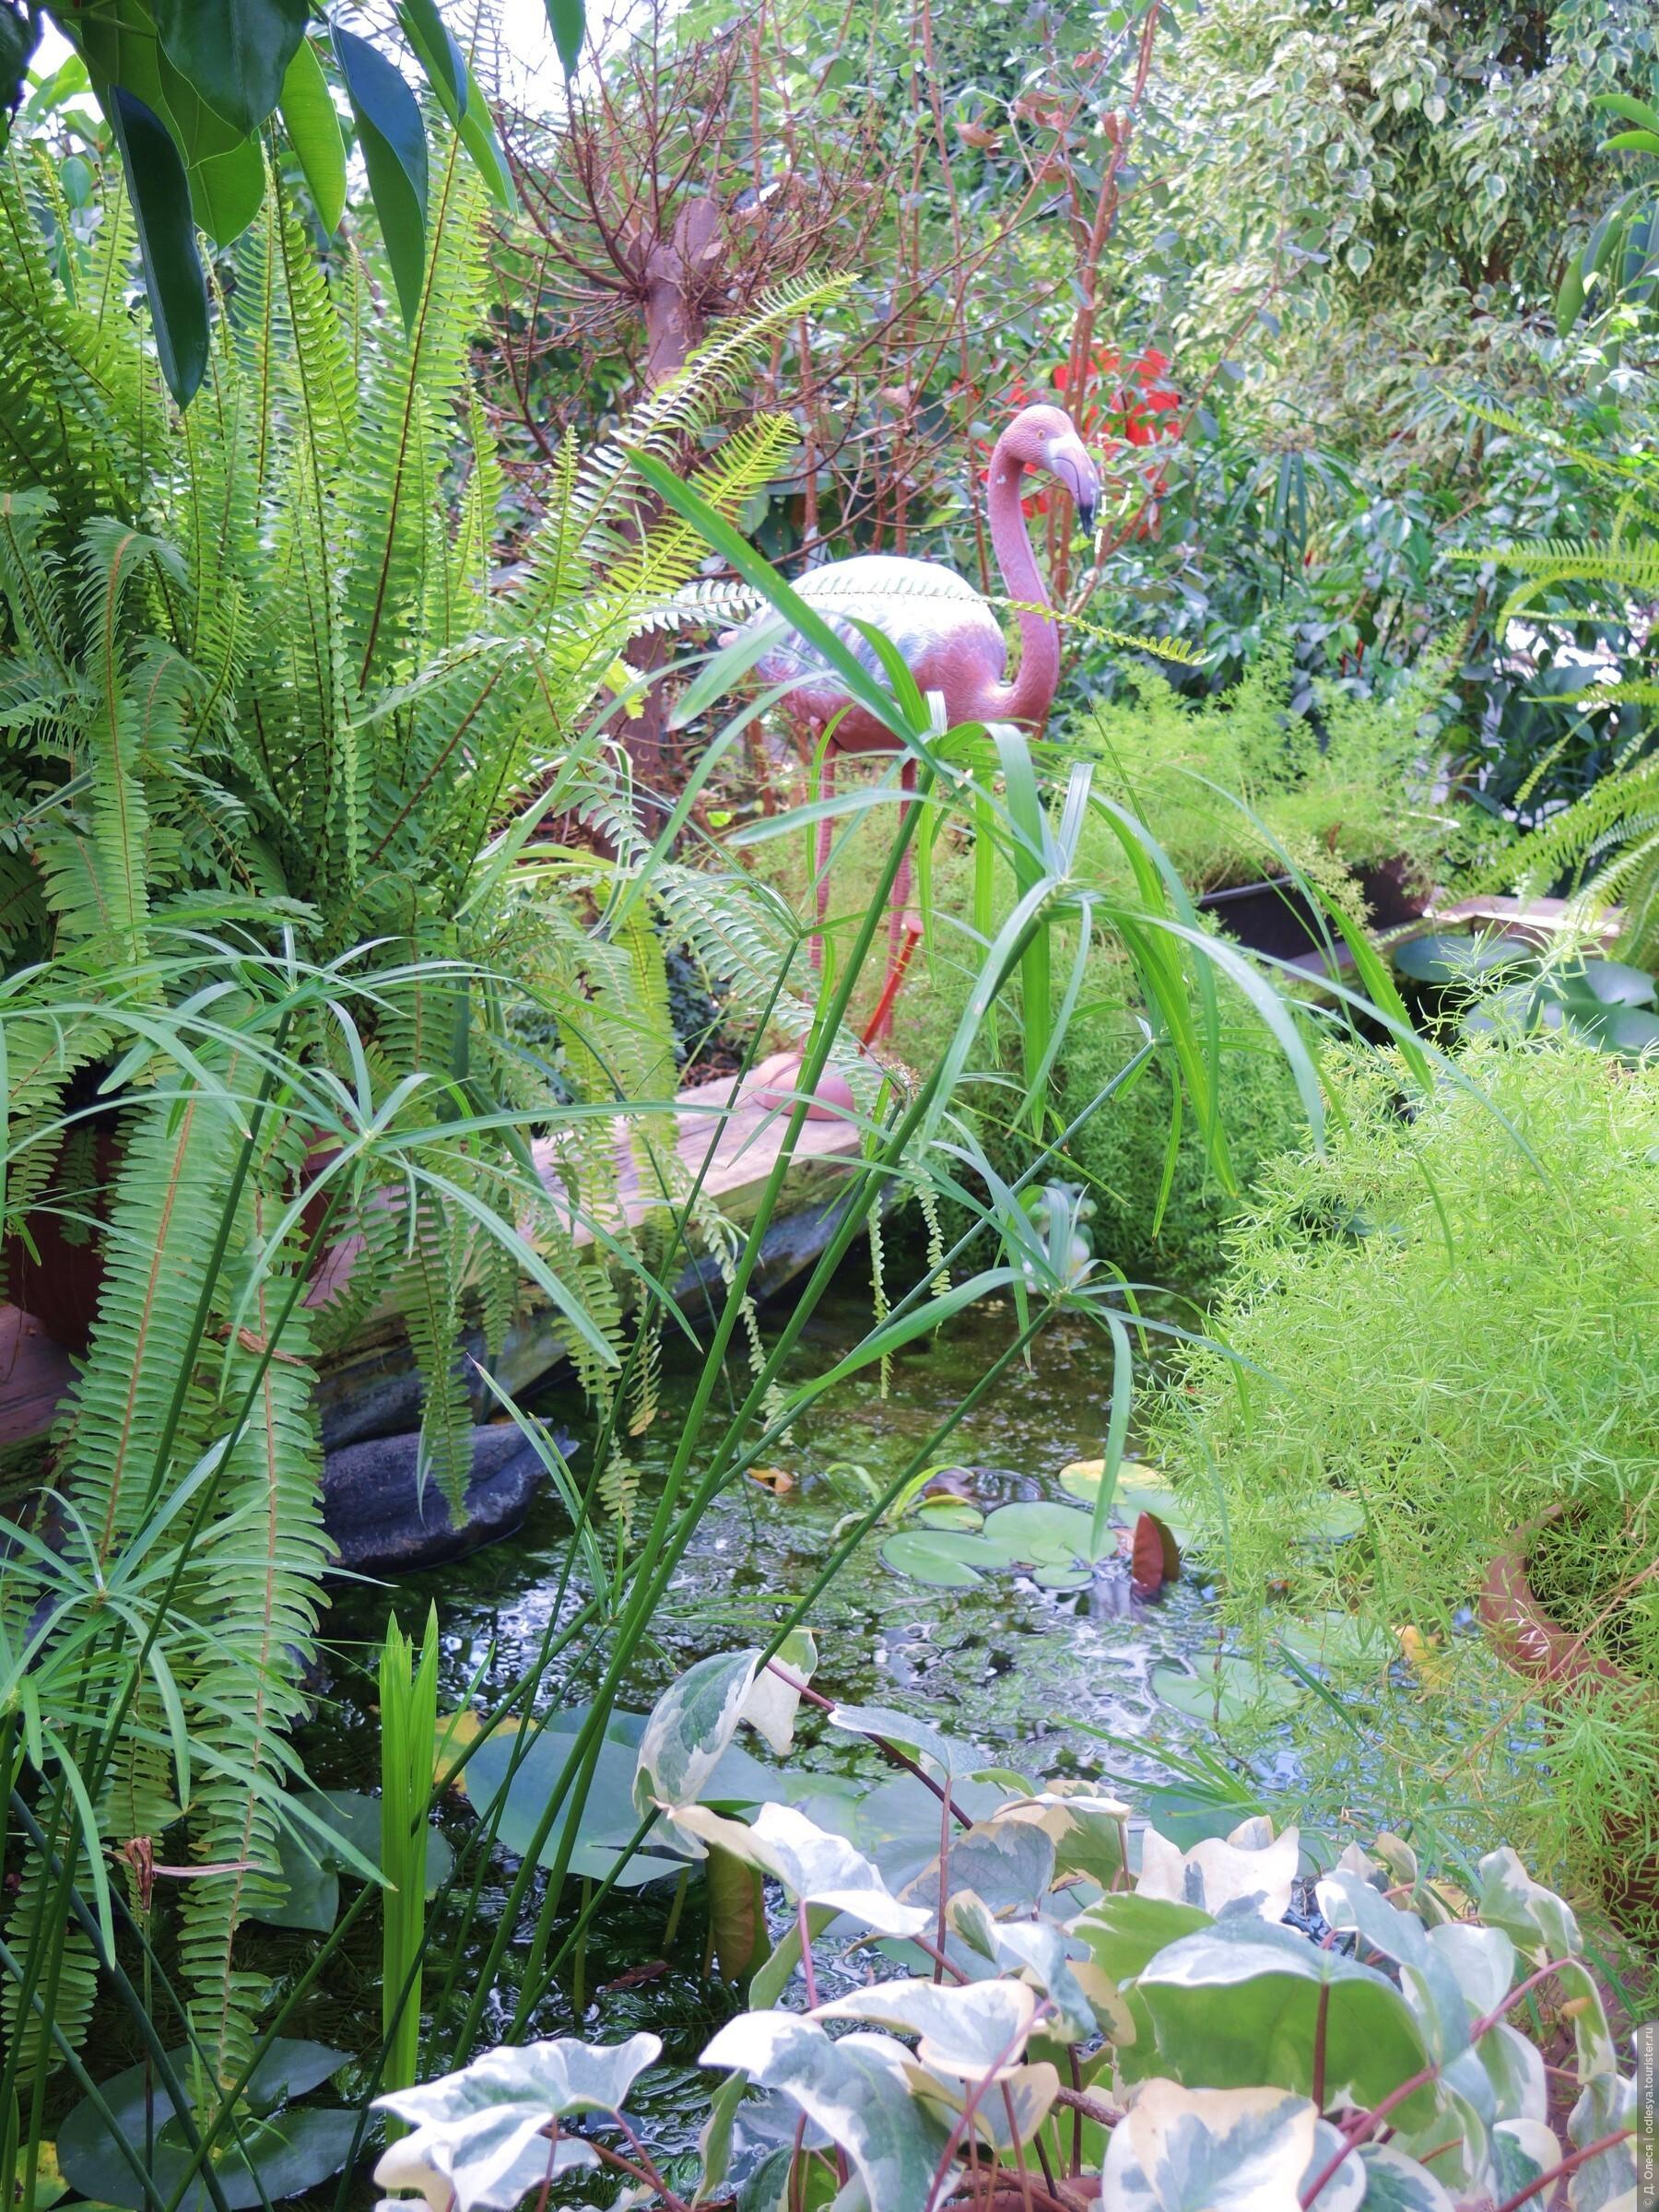 """Фото из альбома """"Ботанический сад"""", Кемерово, Россия"""